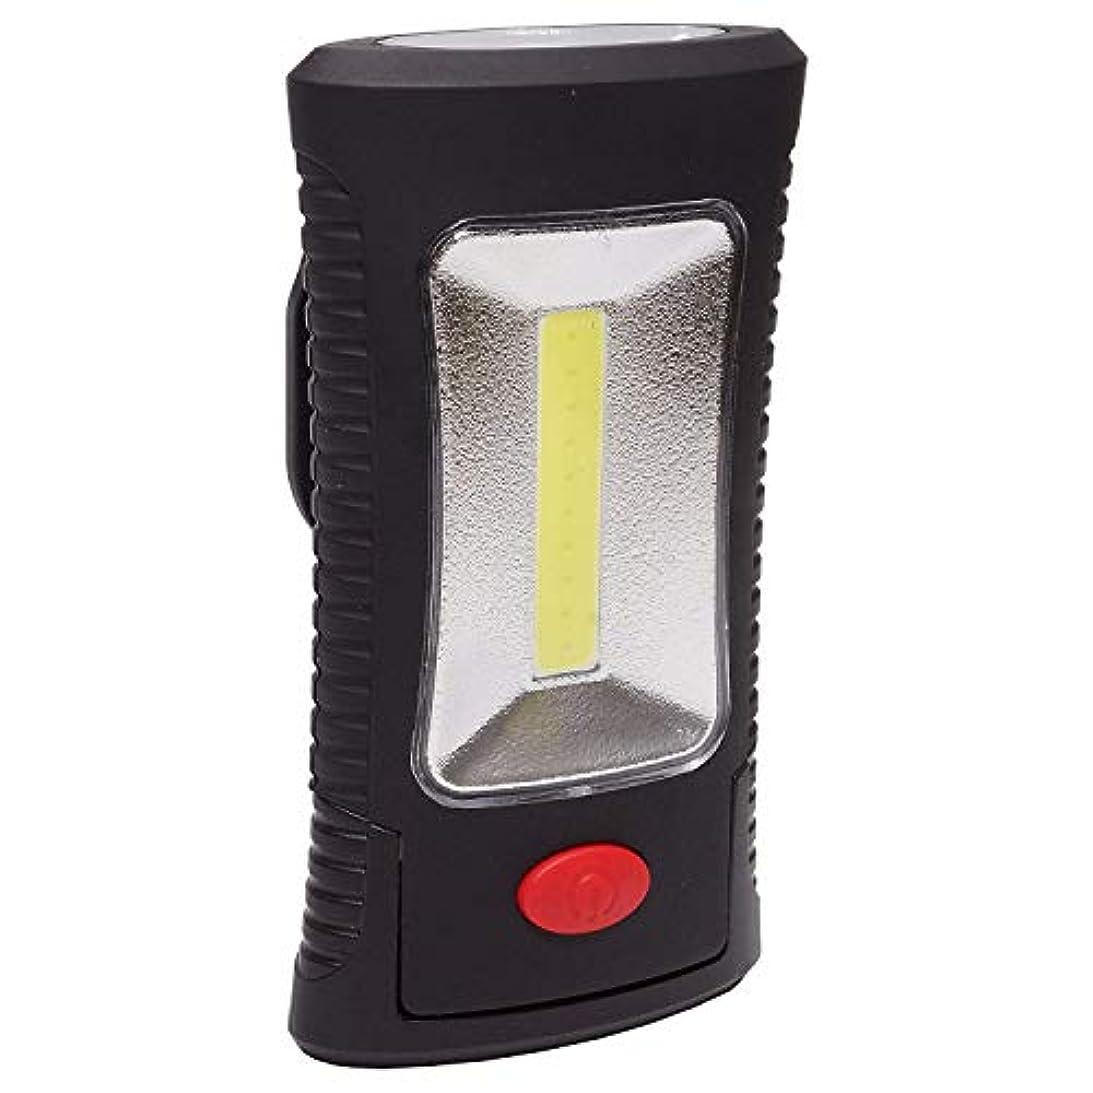 別々に十年誰の【2個セット】COB ワークライト 高輝度 強力 LED 懐中電灯 作業灯 切り替え 吊り下げ フック クリップ マグネット付き 携帯 コンパクト 車 整備 検査 PR-HANGLIGHT